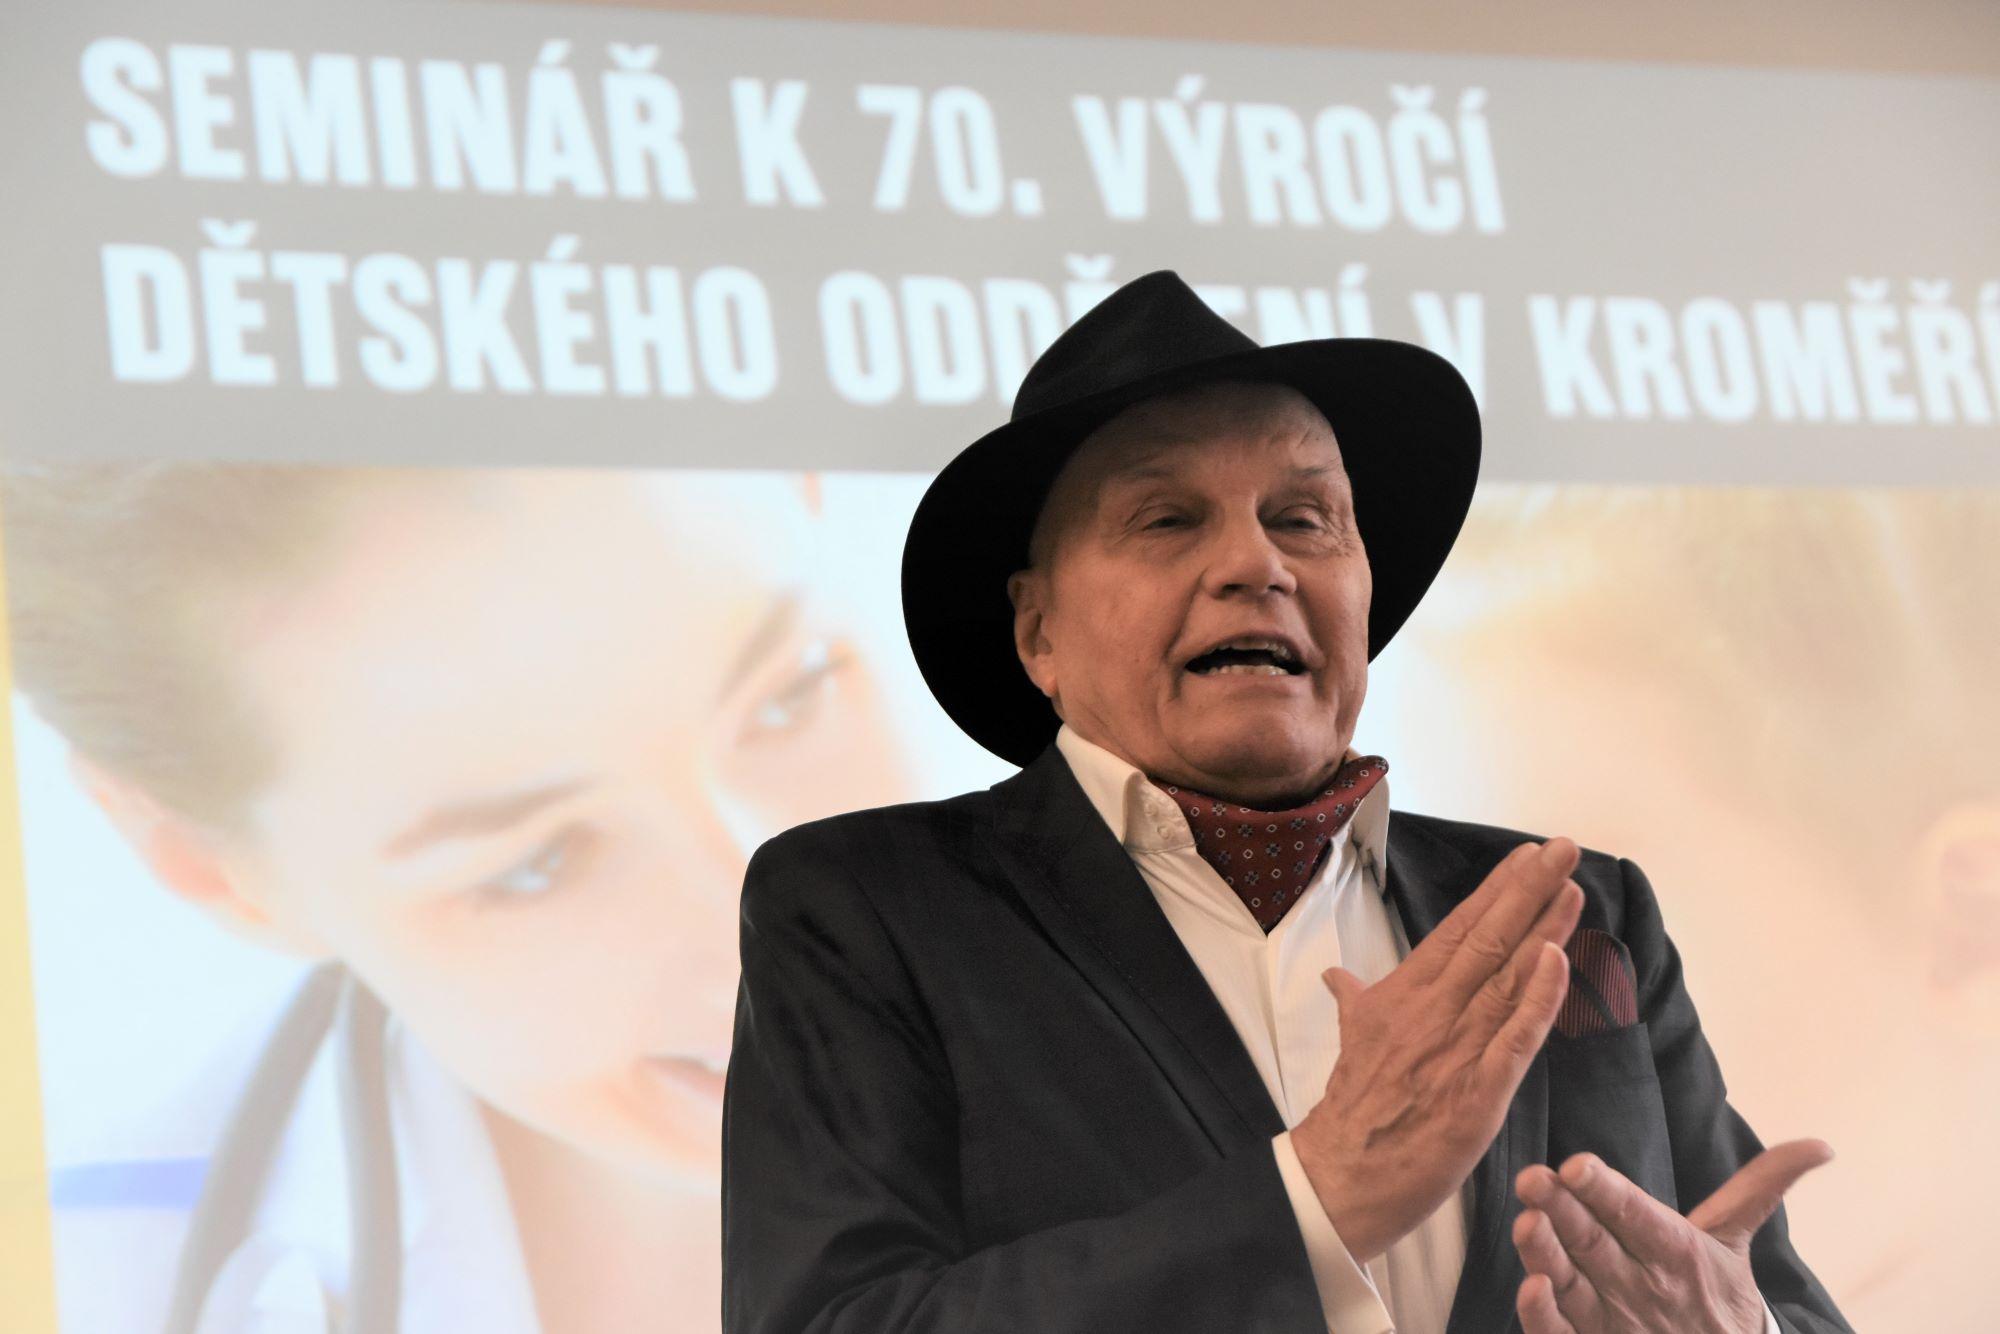 Dětské oddělení v Kroměříži si připomnělo sedmdesát let své existence, blahopřál i herec Jan Přeučil